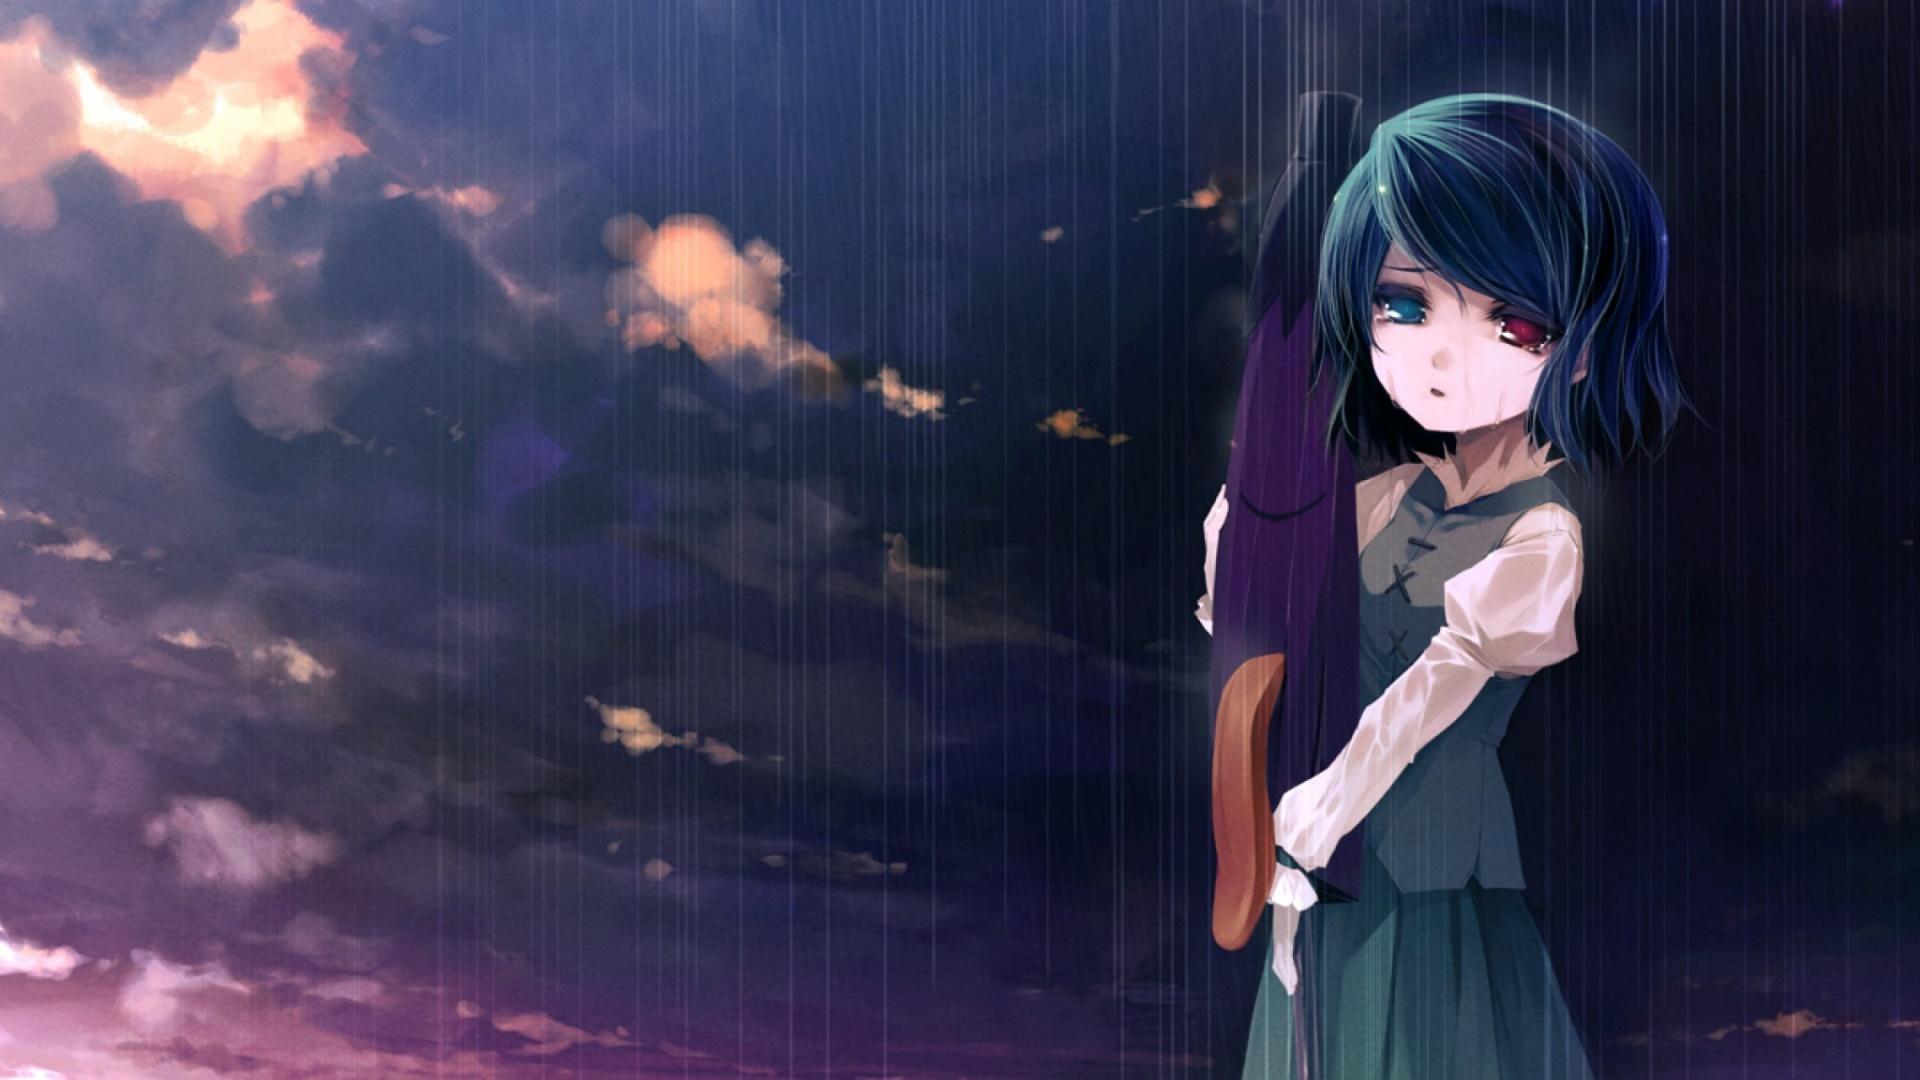 Anime girl in rain wallpaper